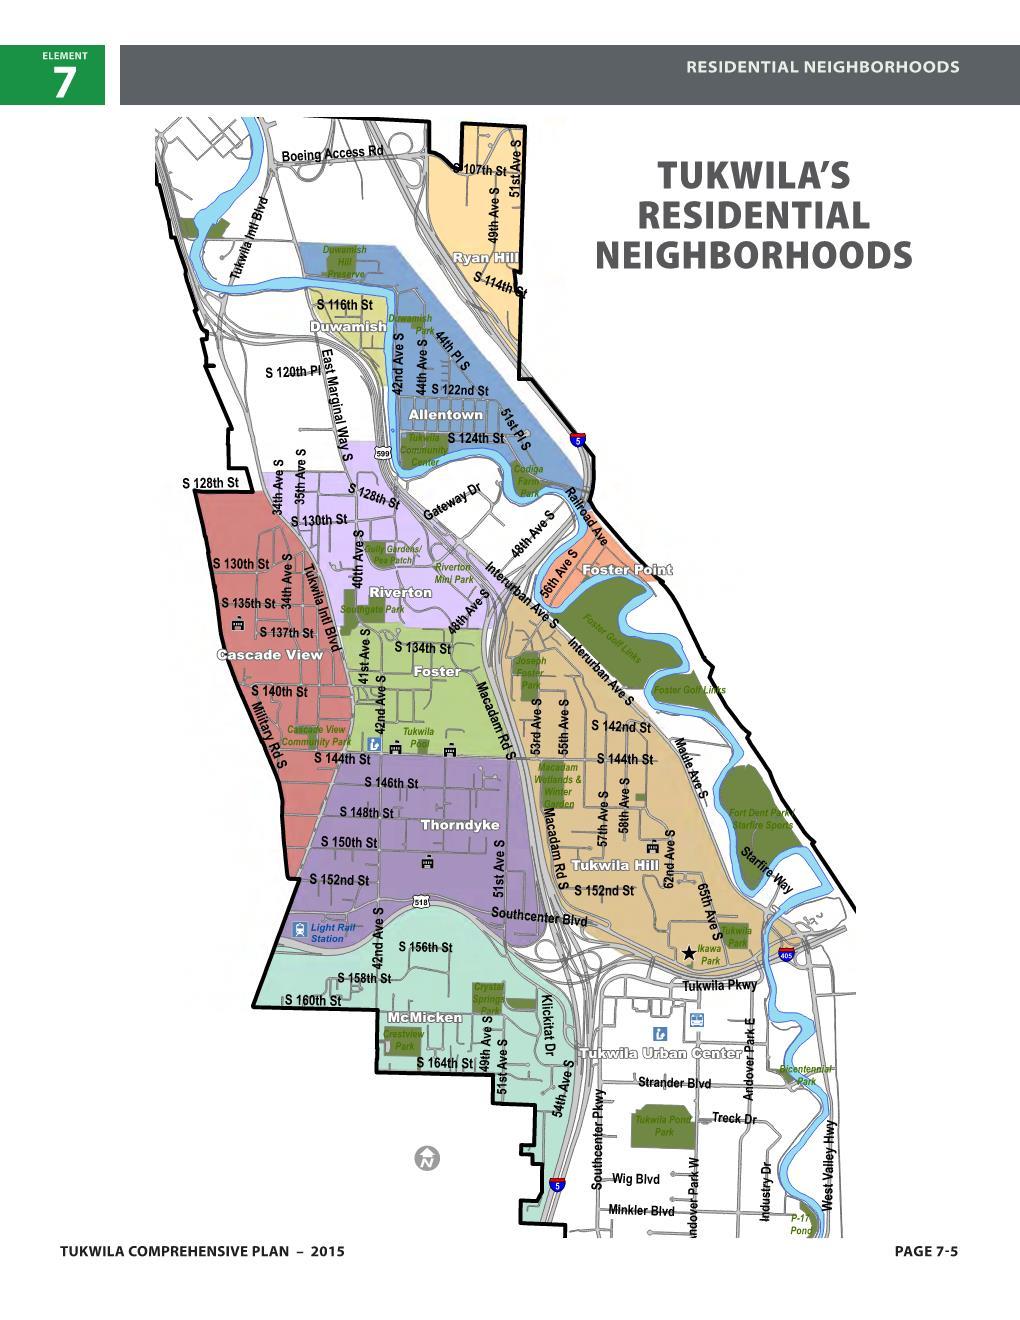 Tukwila Residential Neighborhoods